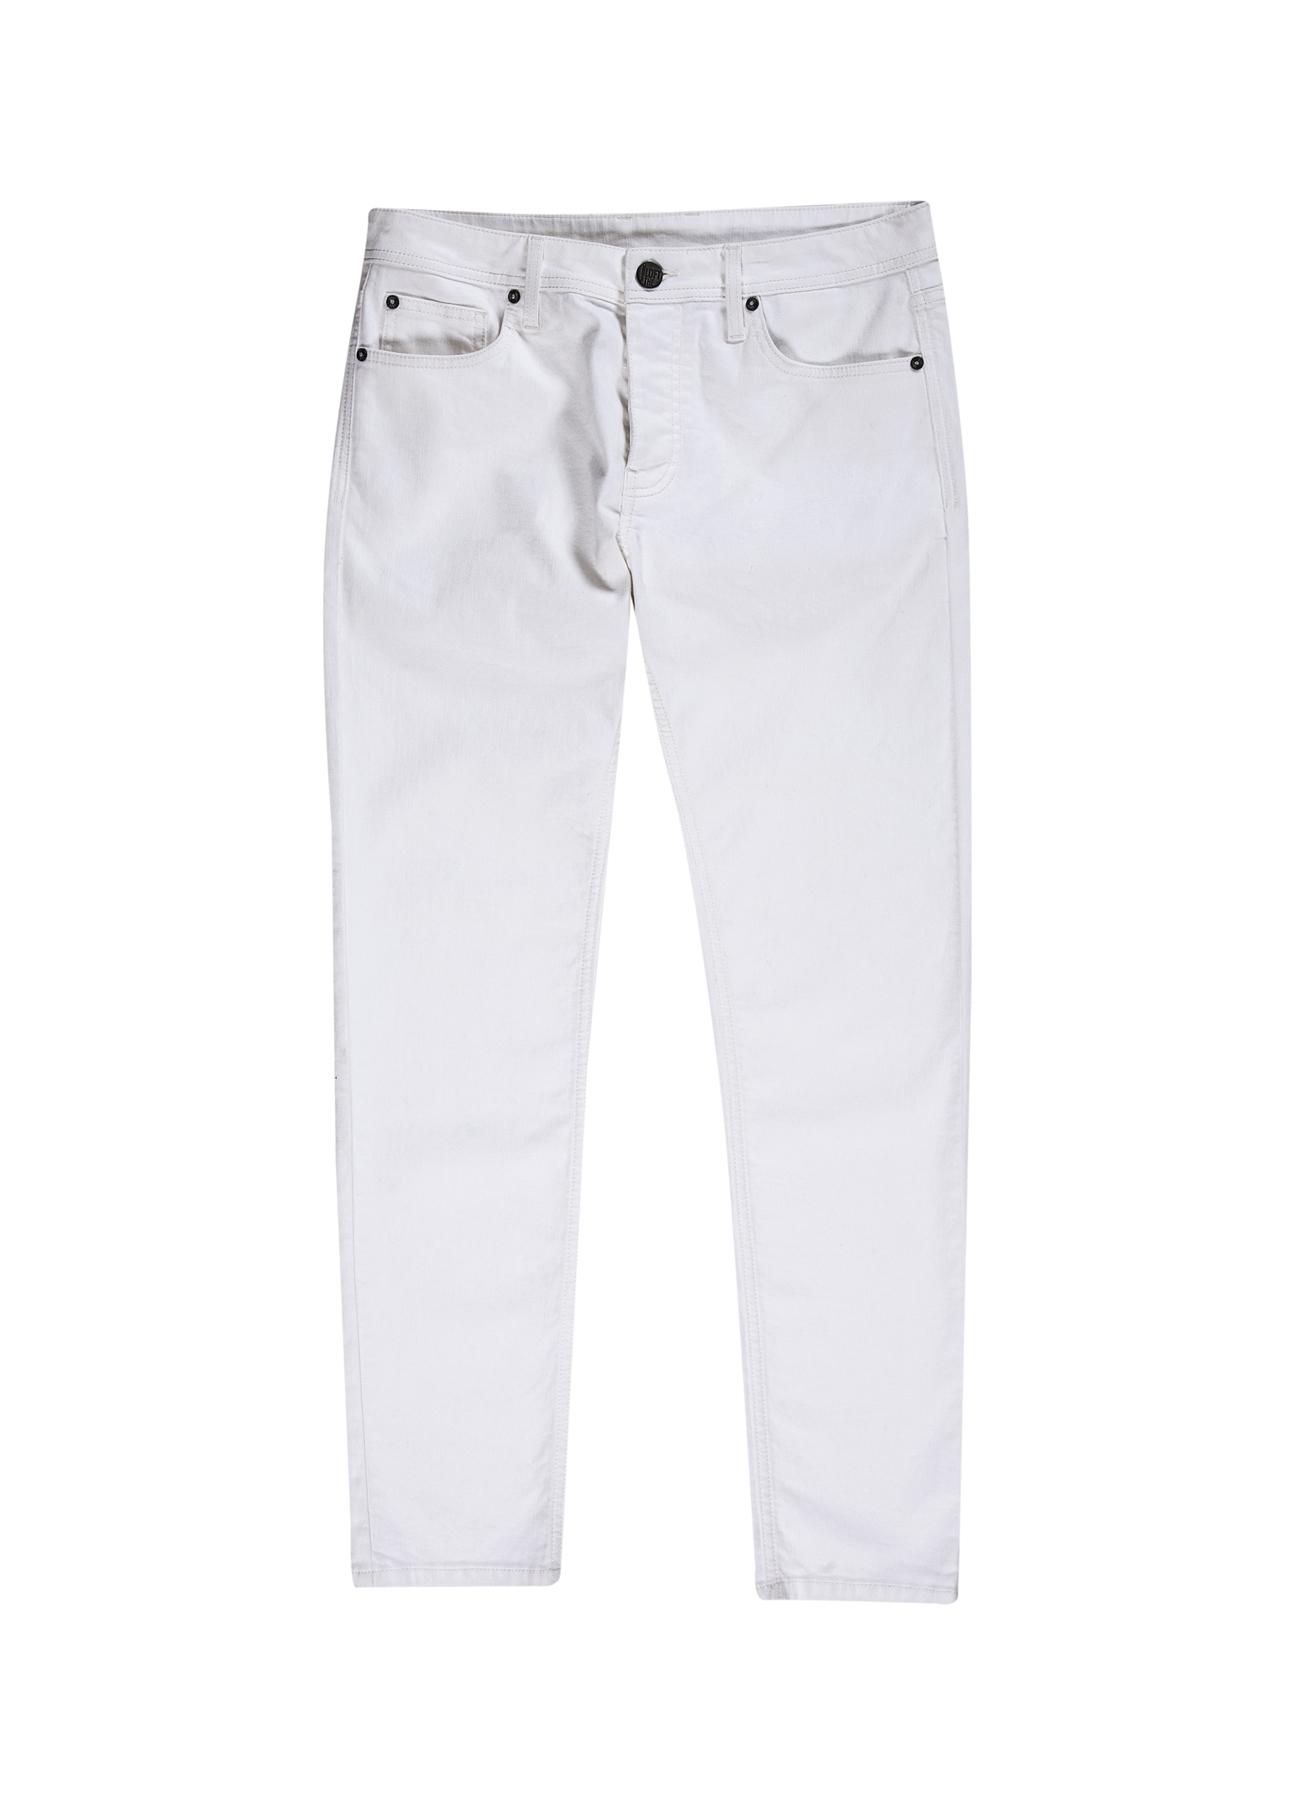 Loft Klasik Pantolon 32-32 5000197731010 Ürün Resmi